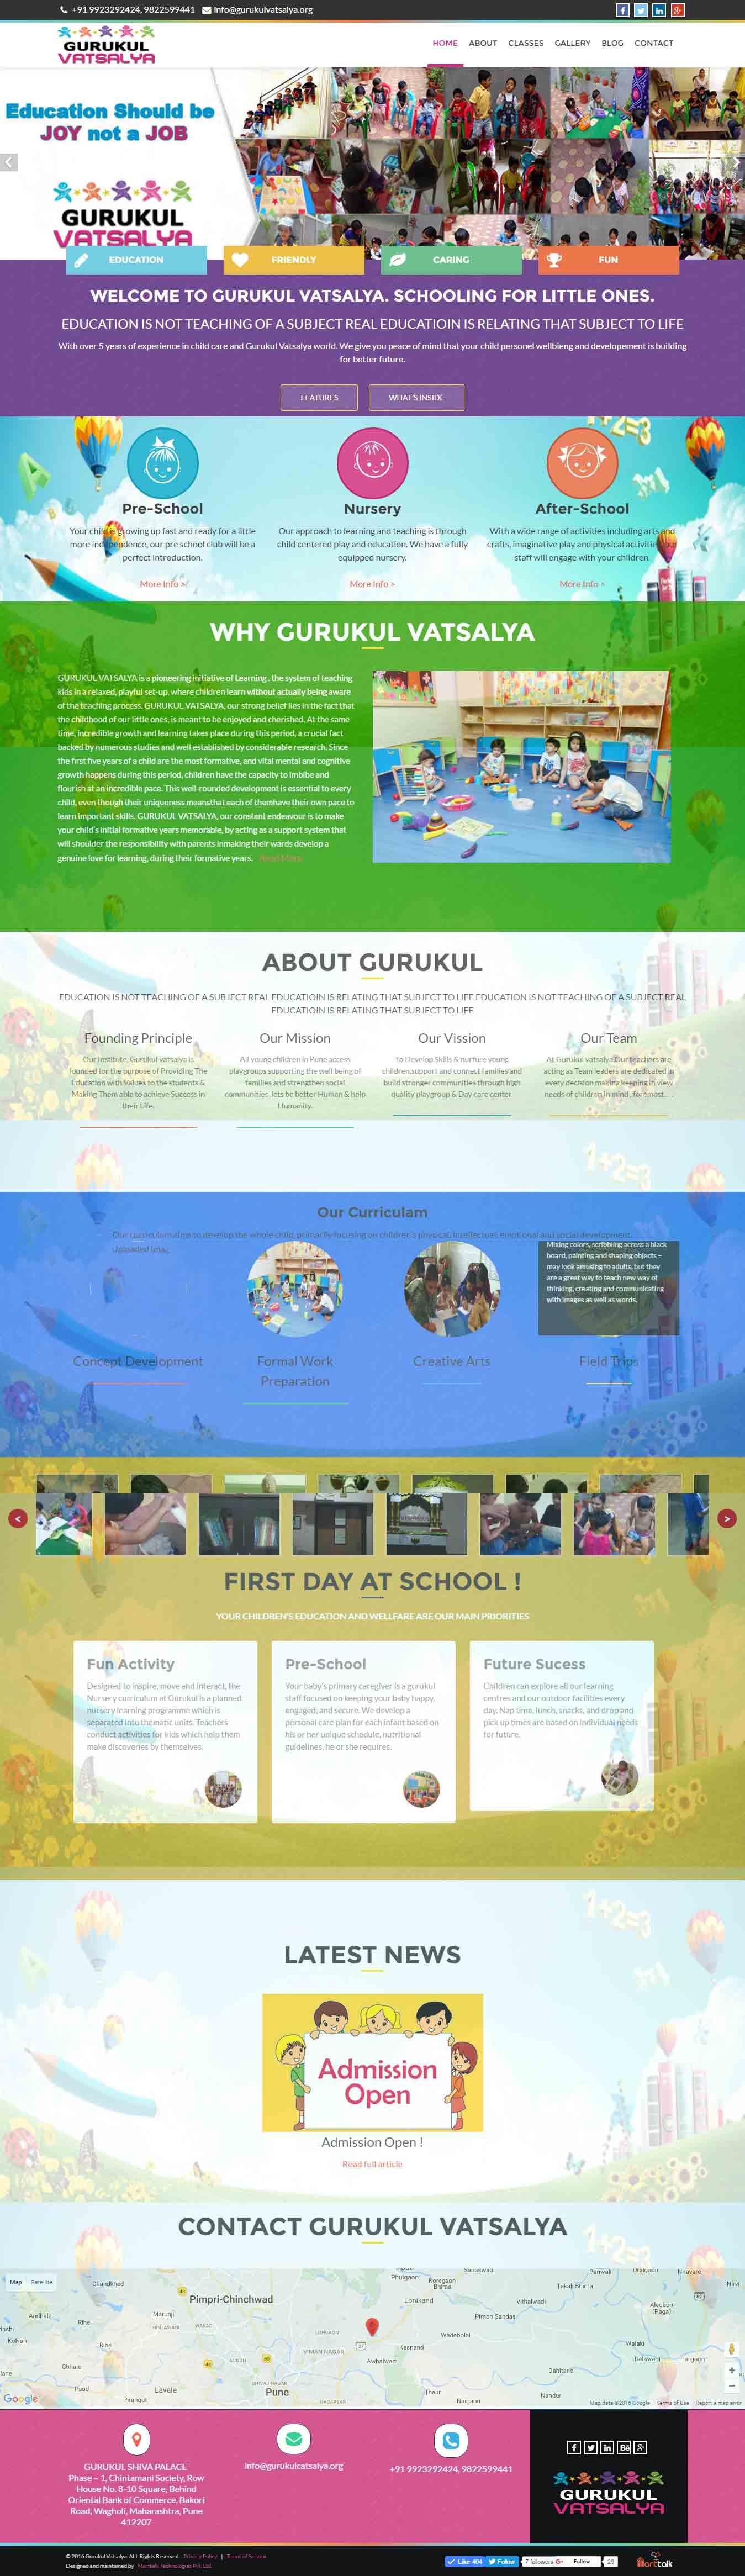 www-gurukulvatsalya-org